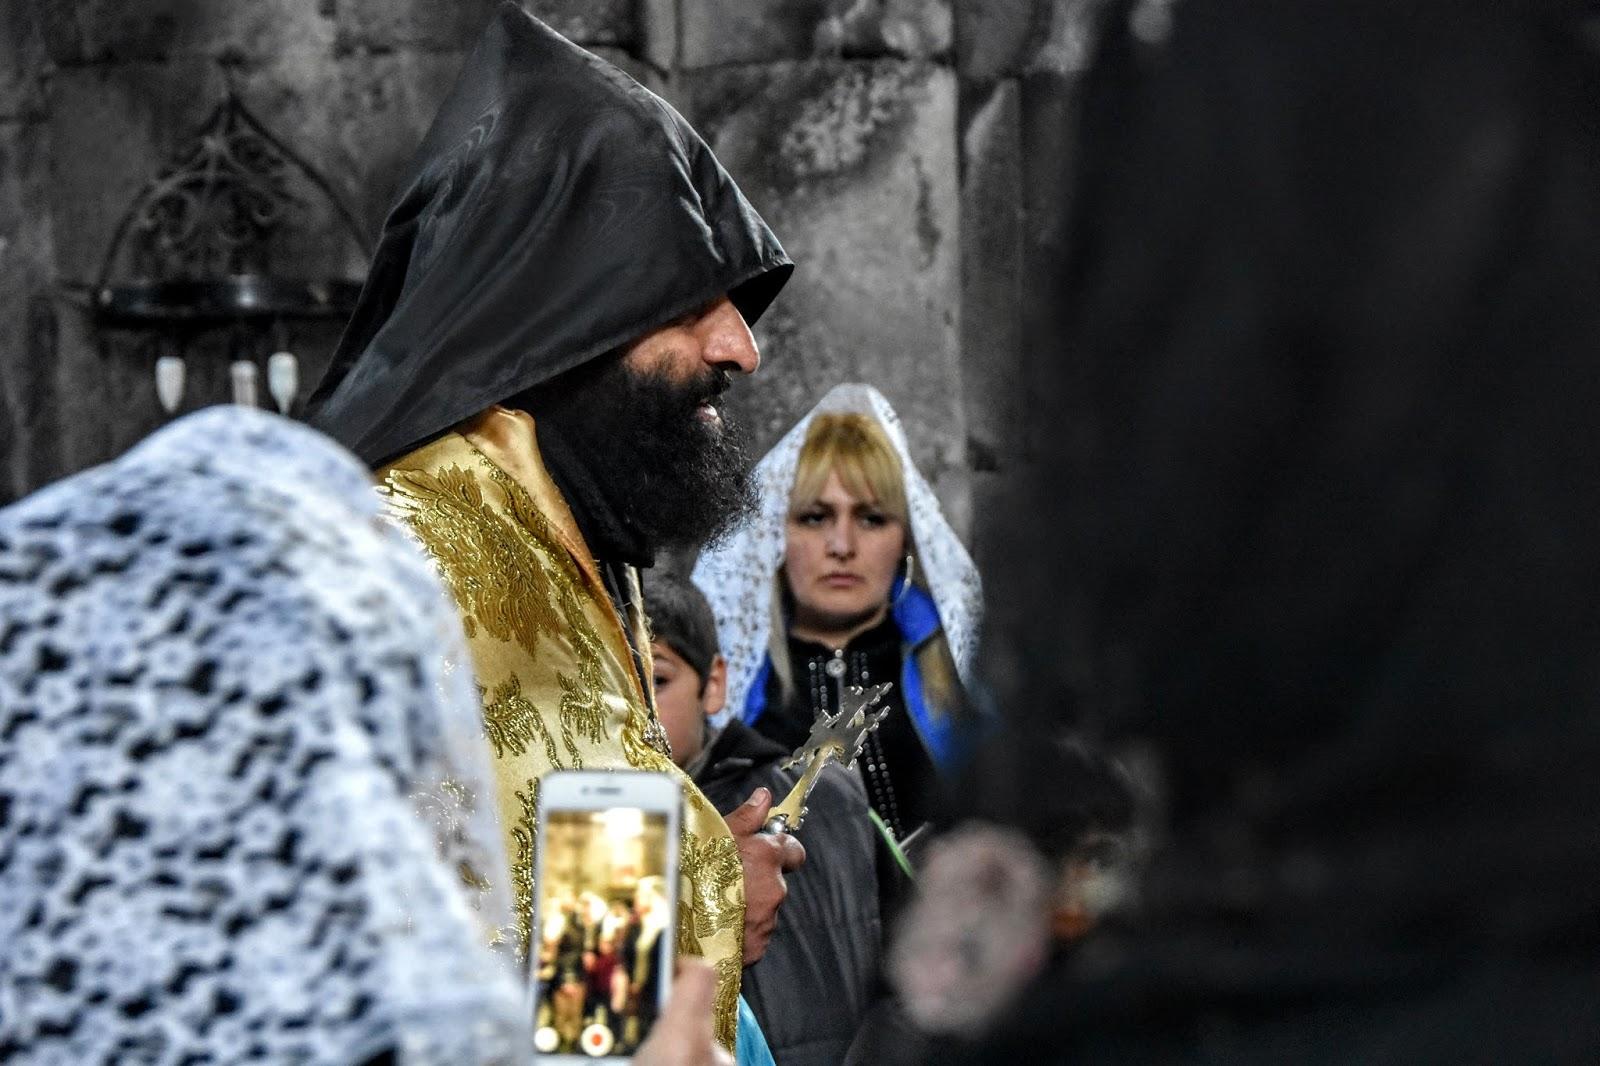 Տաթևի վանք (Tat'evi vank', Tatev Monastery), Հայաստան (Hajastạn, Armenia)